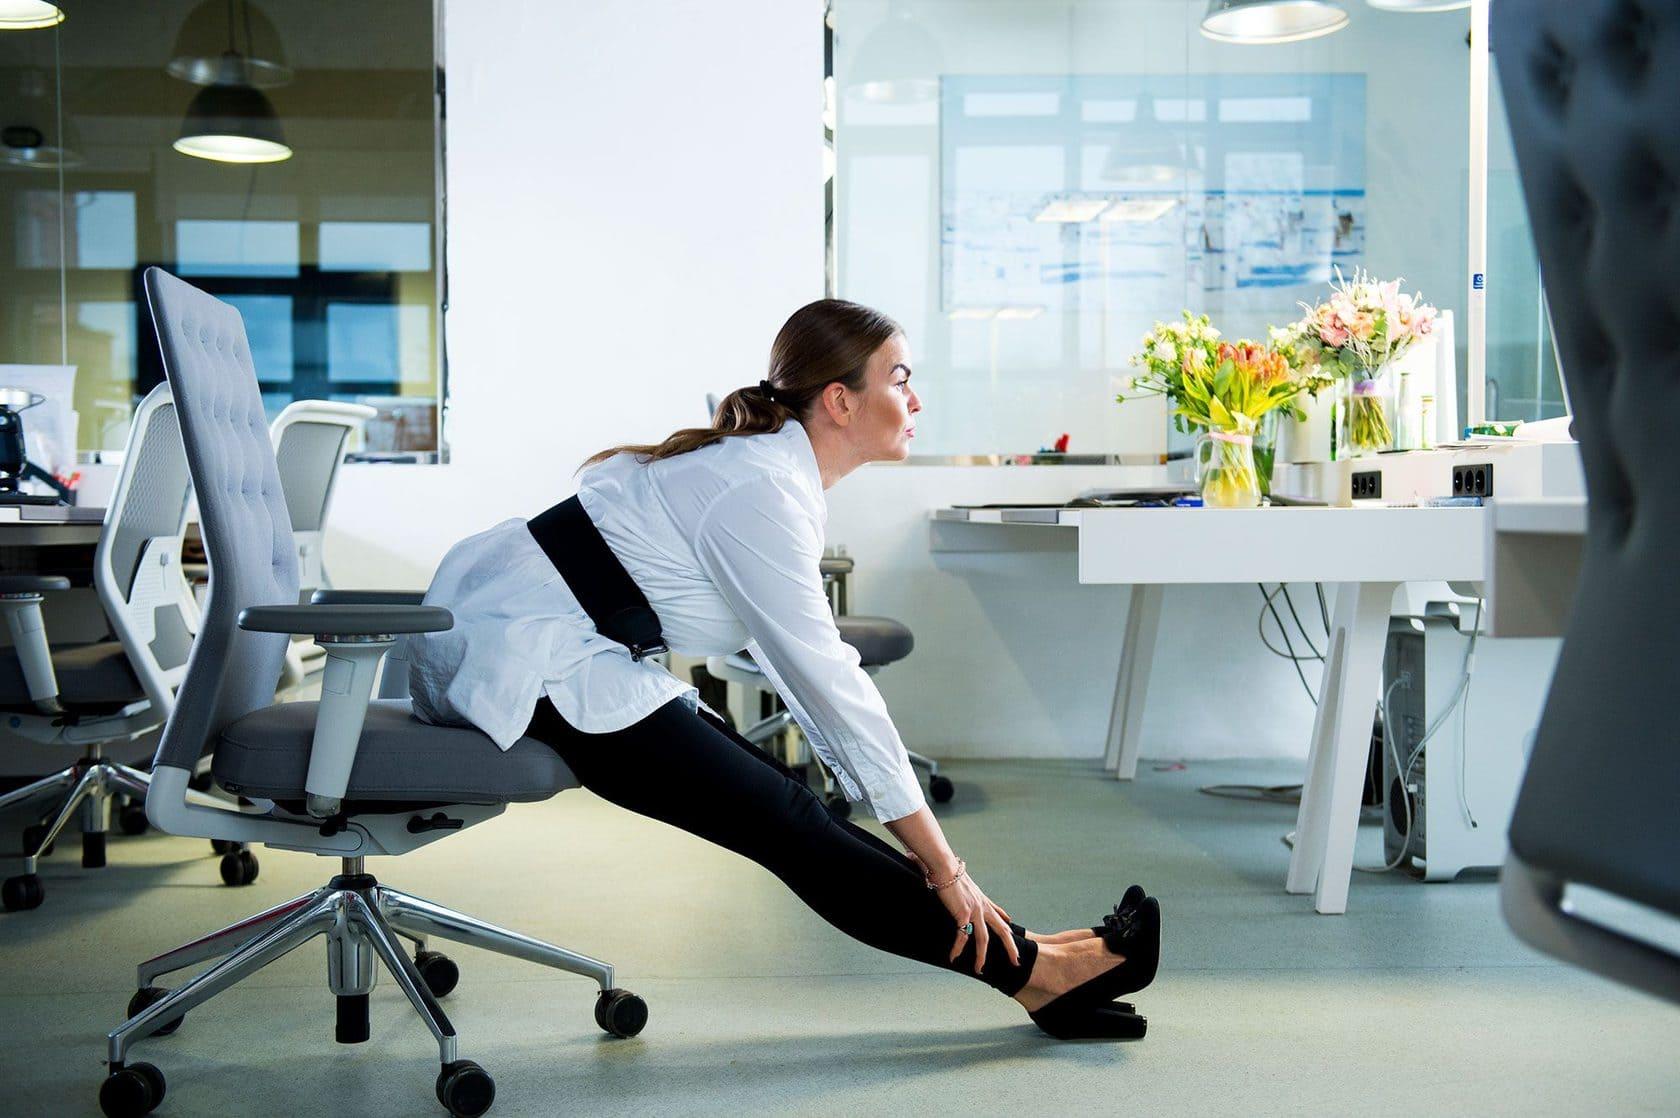 Трэніруем мозг. Фізічная актыўнасць у офісе.